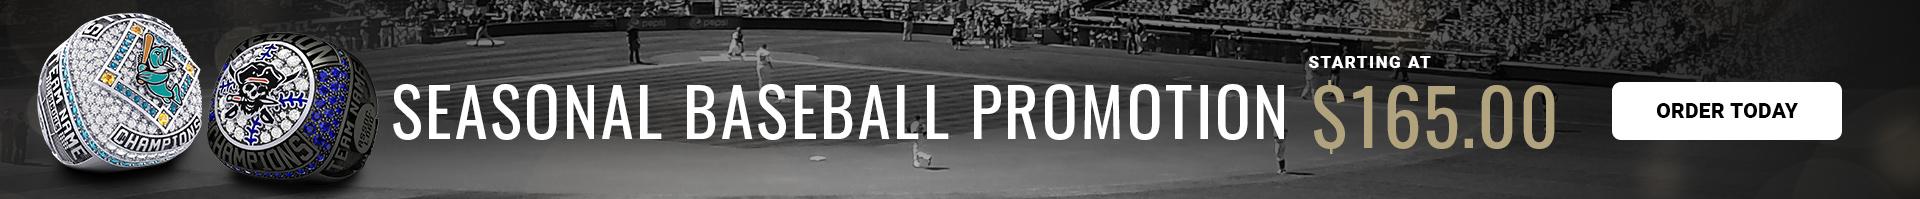 Seasonal Baseball Promotion, Baseball Rings, Custom Baseball Championship Rings, Major league teams, Minor league teams - Baron® Championship Rings